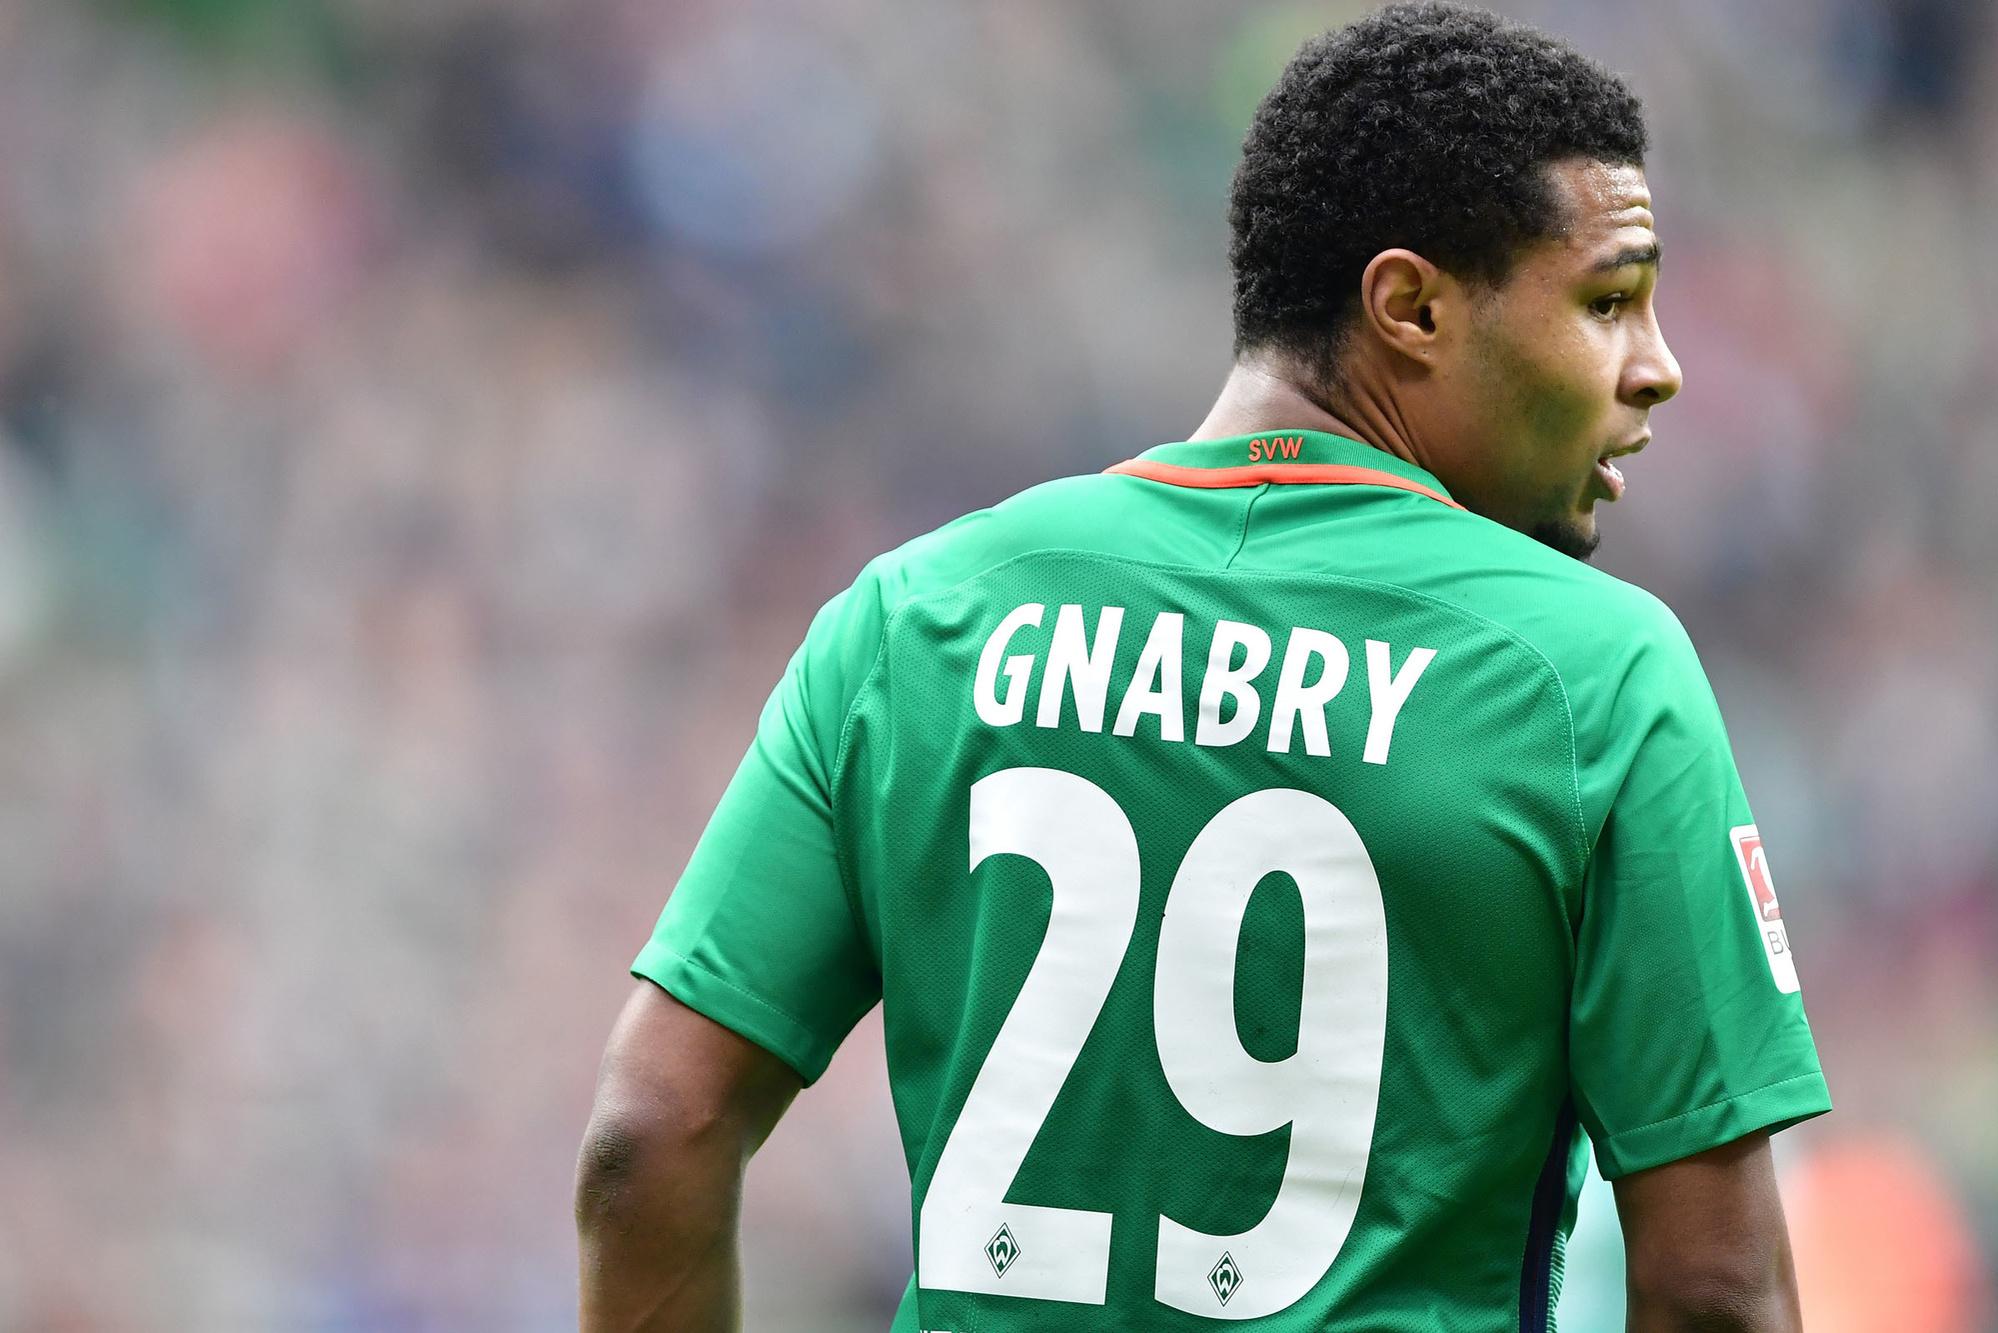 Bij Werder Bremen gaat het ineens snel voor Gnabry, GETTY